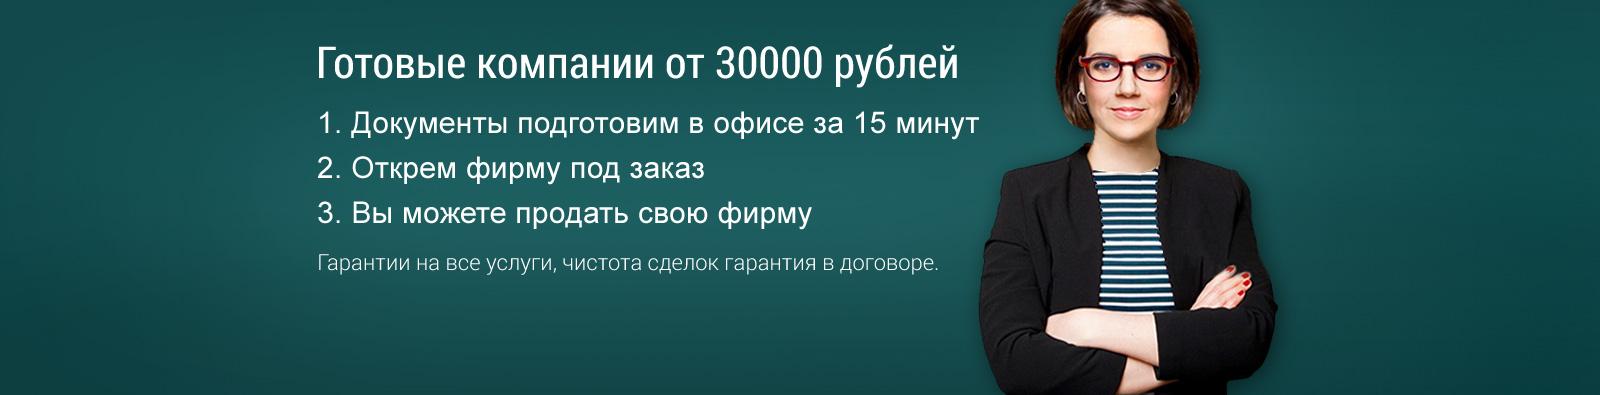 Купить компанию в Москве